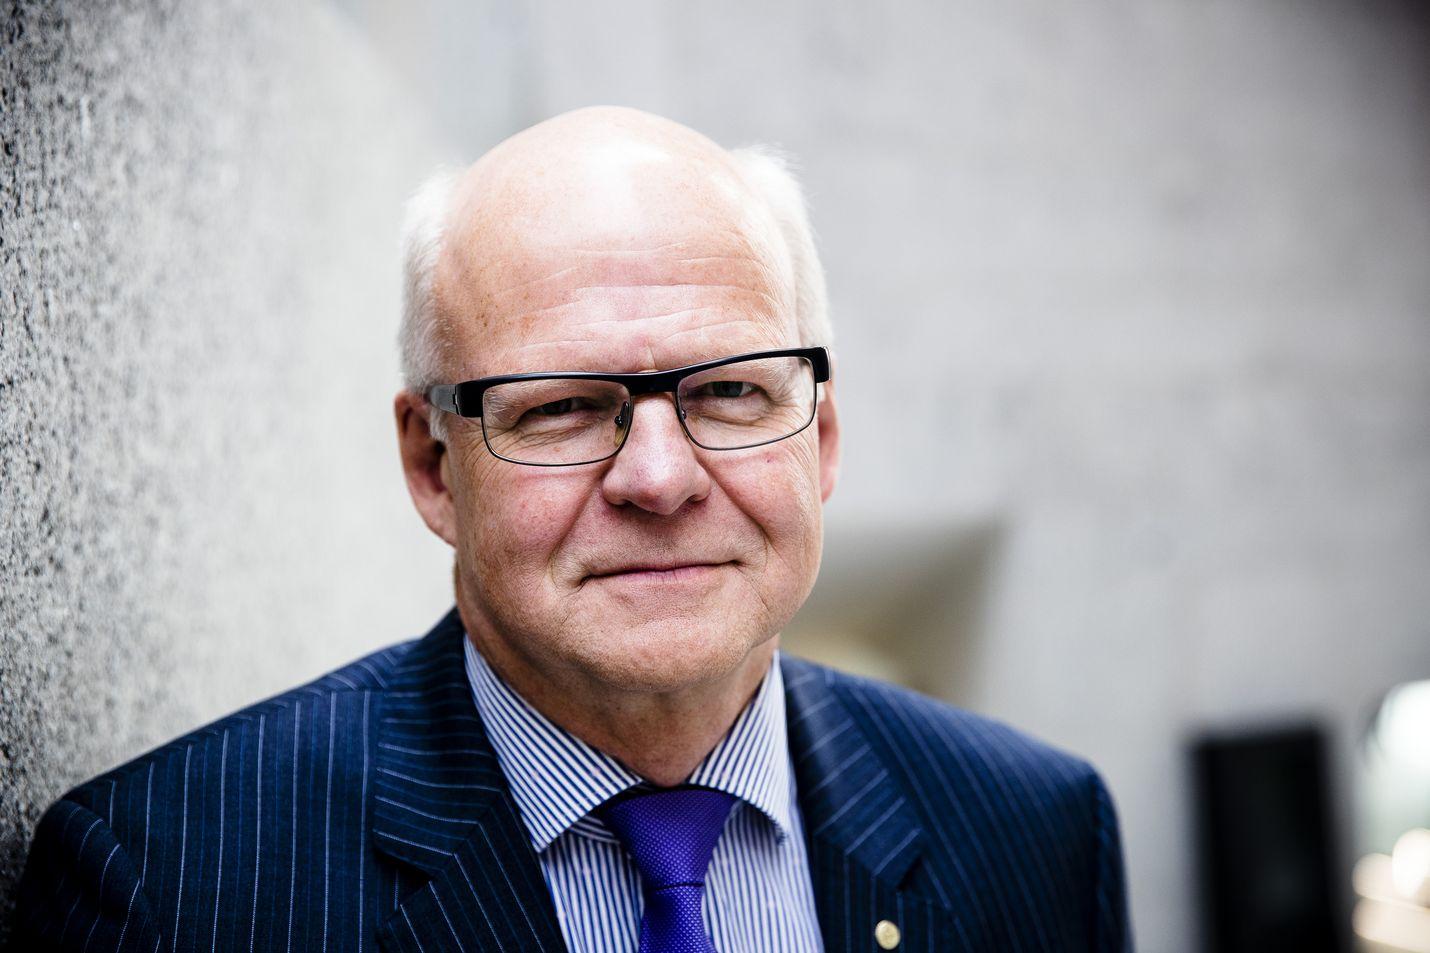 Hallituksen puheenjohtaja Reijo Karhisen mukaan Valtion kehitysyhtiö Vaken uuden toimitusjohtajan nimityksestä ei tule poliittinen.